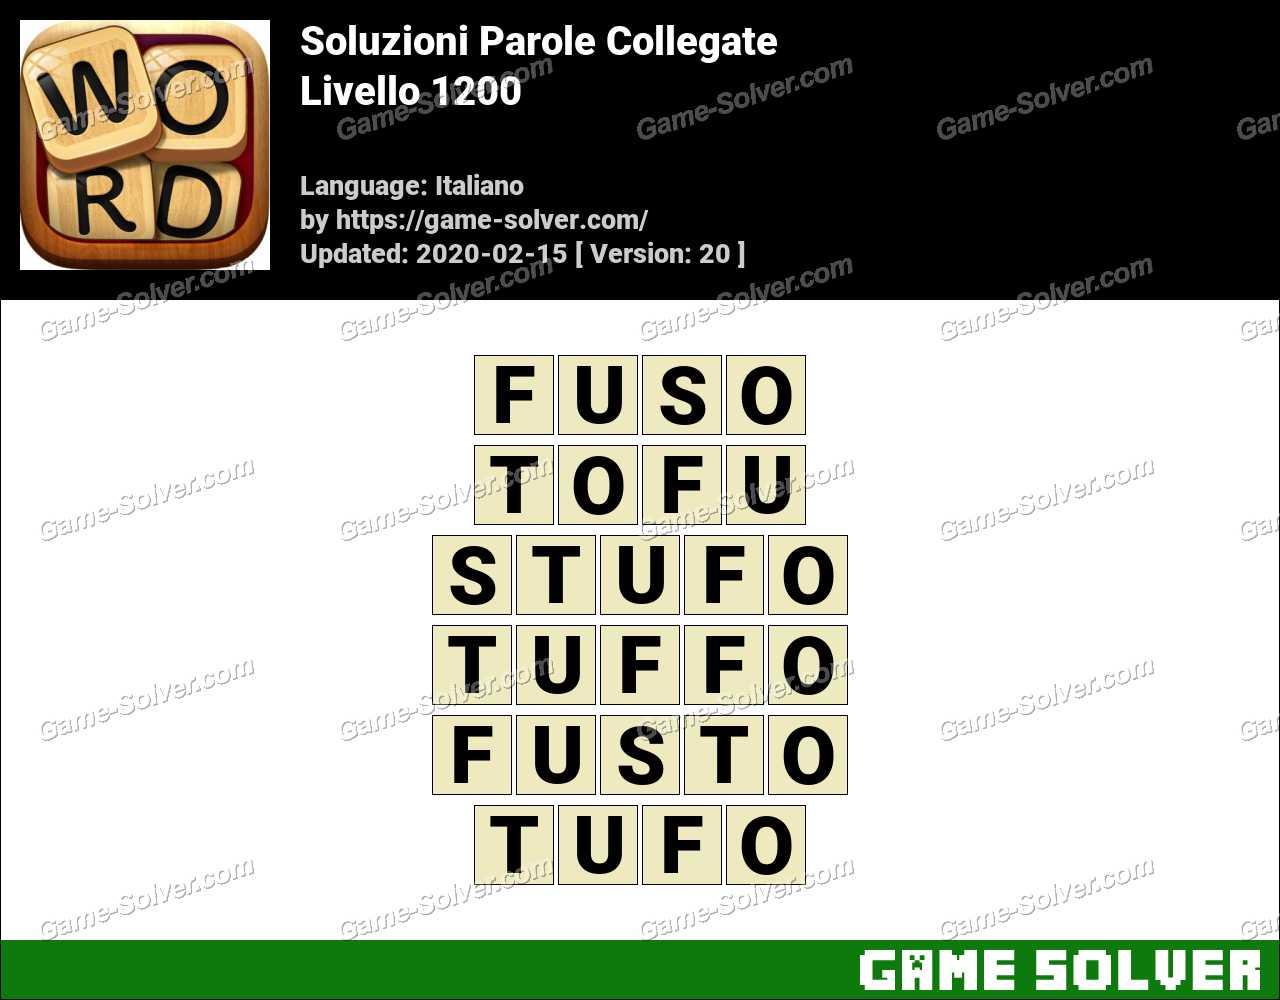 Soluzioni Parole Collegate Livello 1200